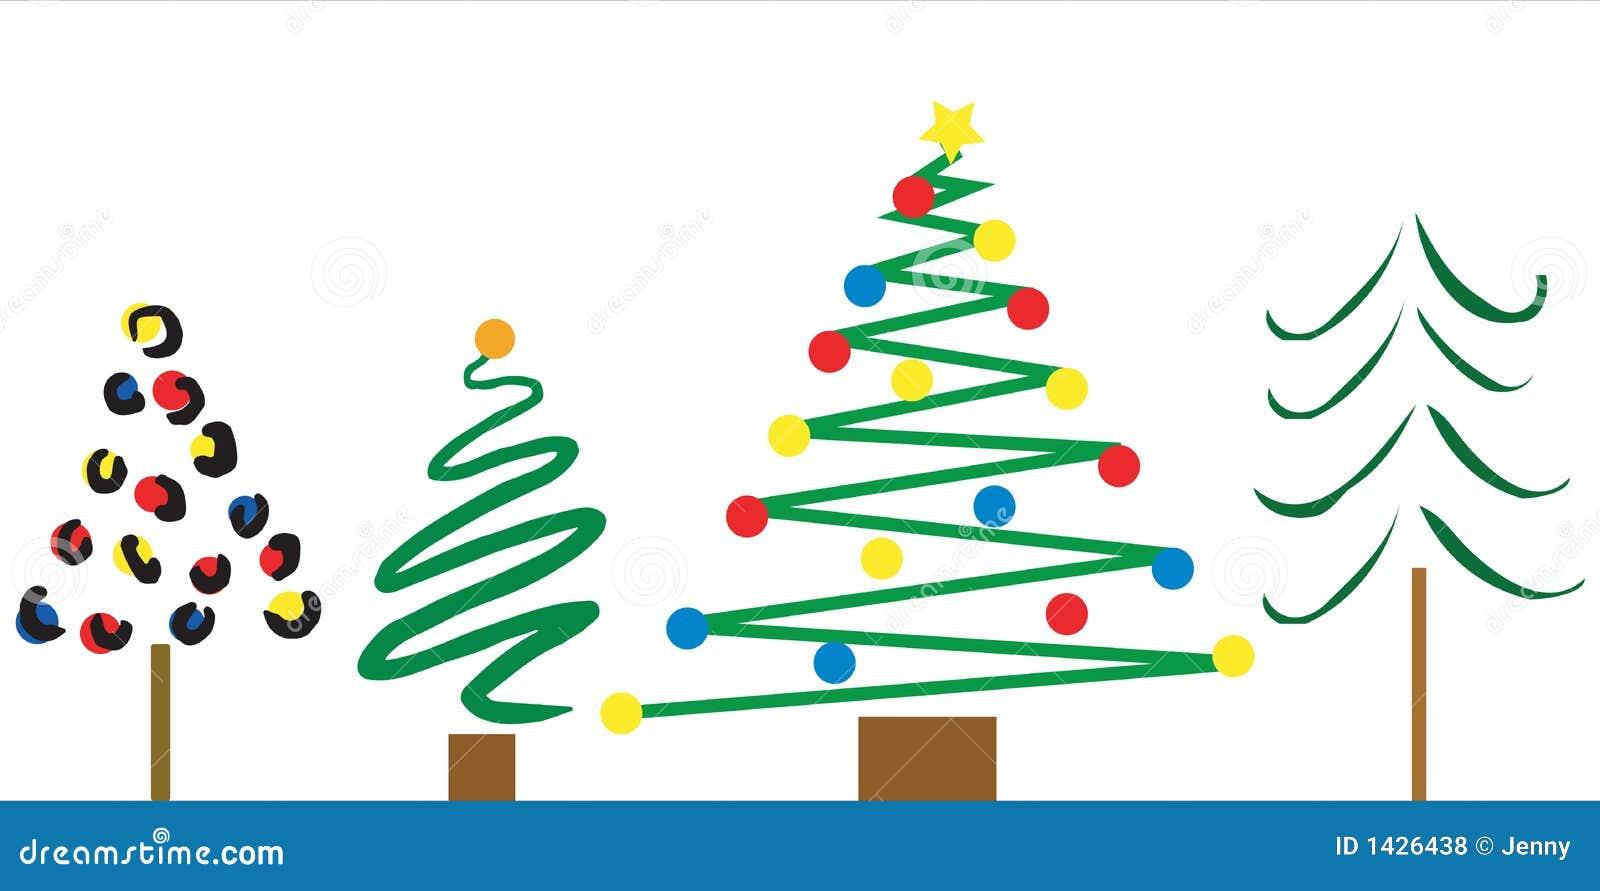 Dise os del rbol de navidad ilustraci n del vector - Postal navidad original ...